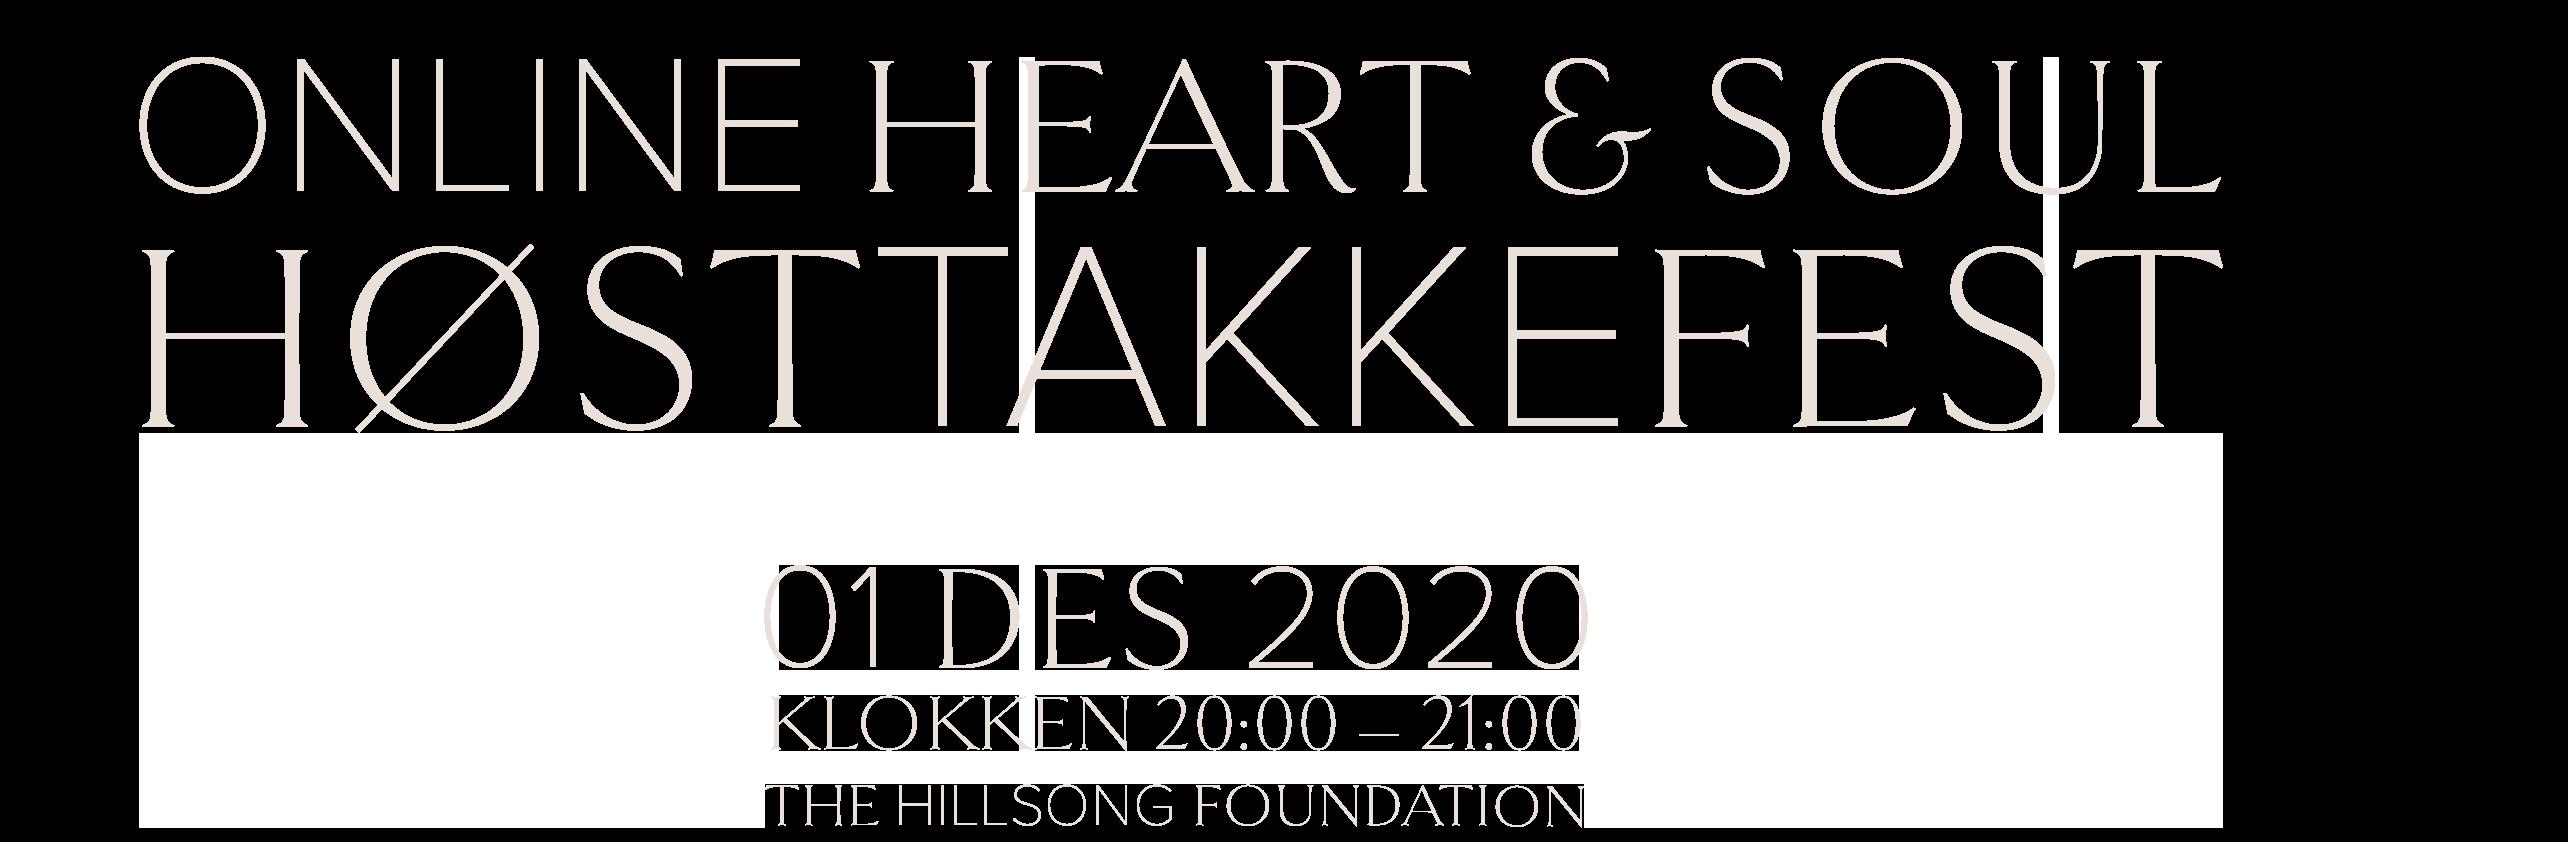 H&S Høsttakkefest